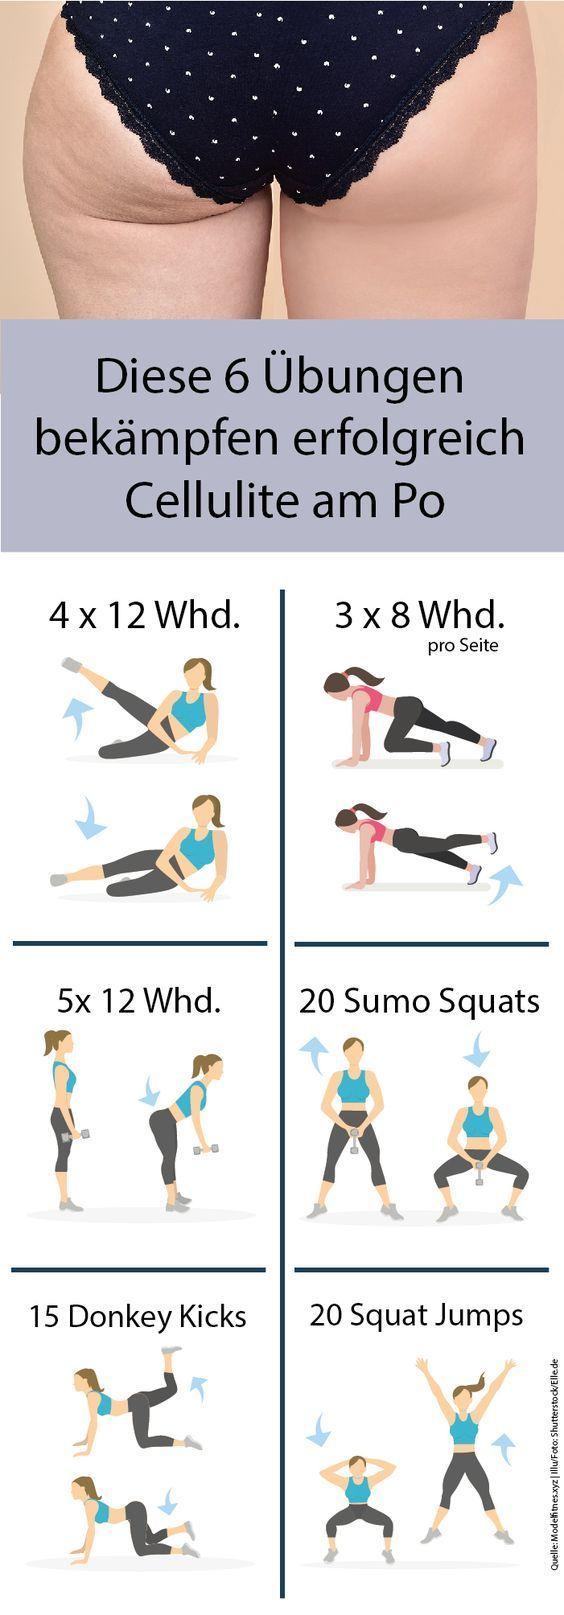 Egal, wie oft wir ins Fitnessstudio rennen oder die Sportarten für ein ausgewogenes Training wechseln, ein Problem bleibt bis zum Schluss: Cellulite. Dabei ist genau sie meist der Grund, überhaupt mit dem Workout für den perfekten Sommer-Body anzufangen. Was können wir also gegen die scheinbar unbesiegbaren Dellen tun? Fakt ist: Wir brauchen einen Masterplan, um die Orangenhaut zu bekämpfen. Hier sind sechs Power-Übungen für einen straffen Po ohne Cellulite.